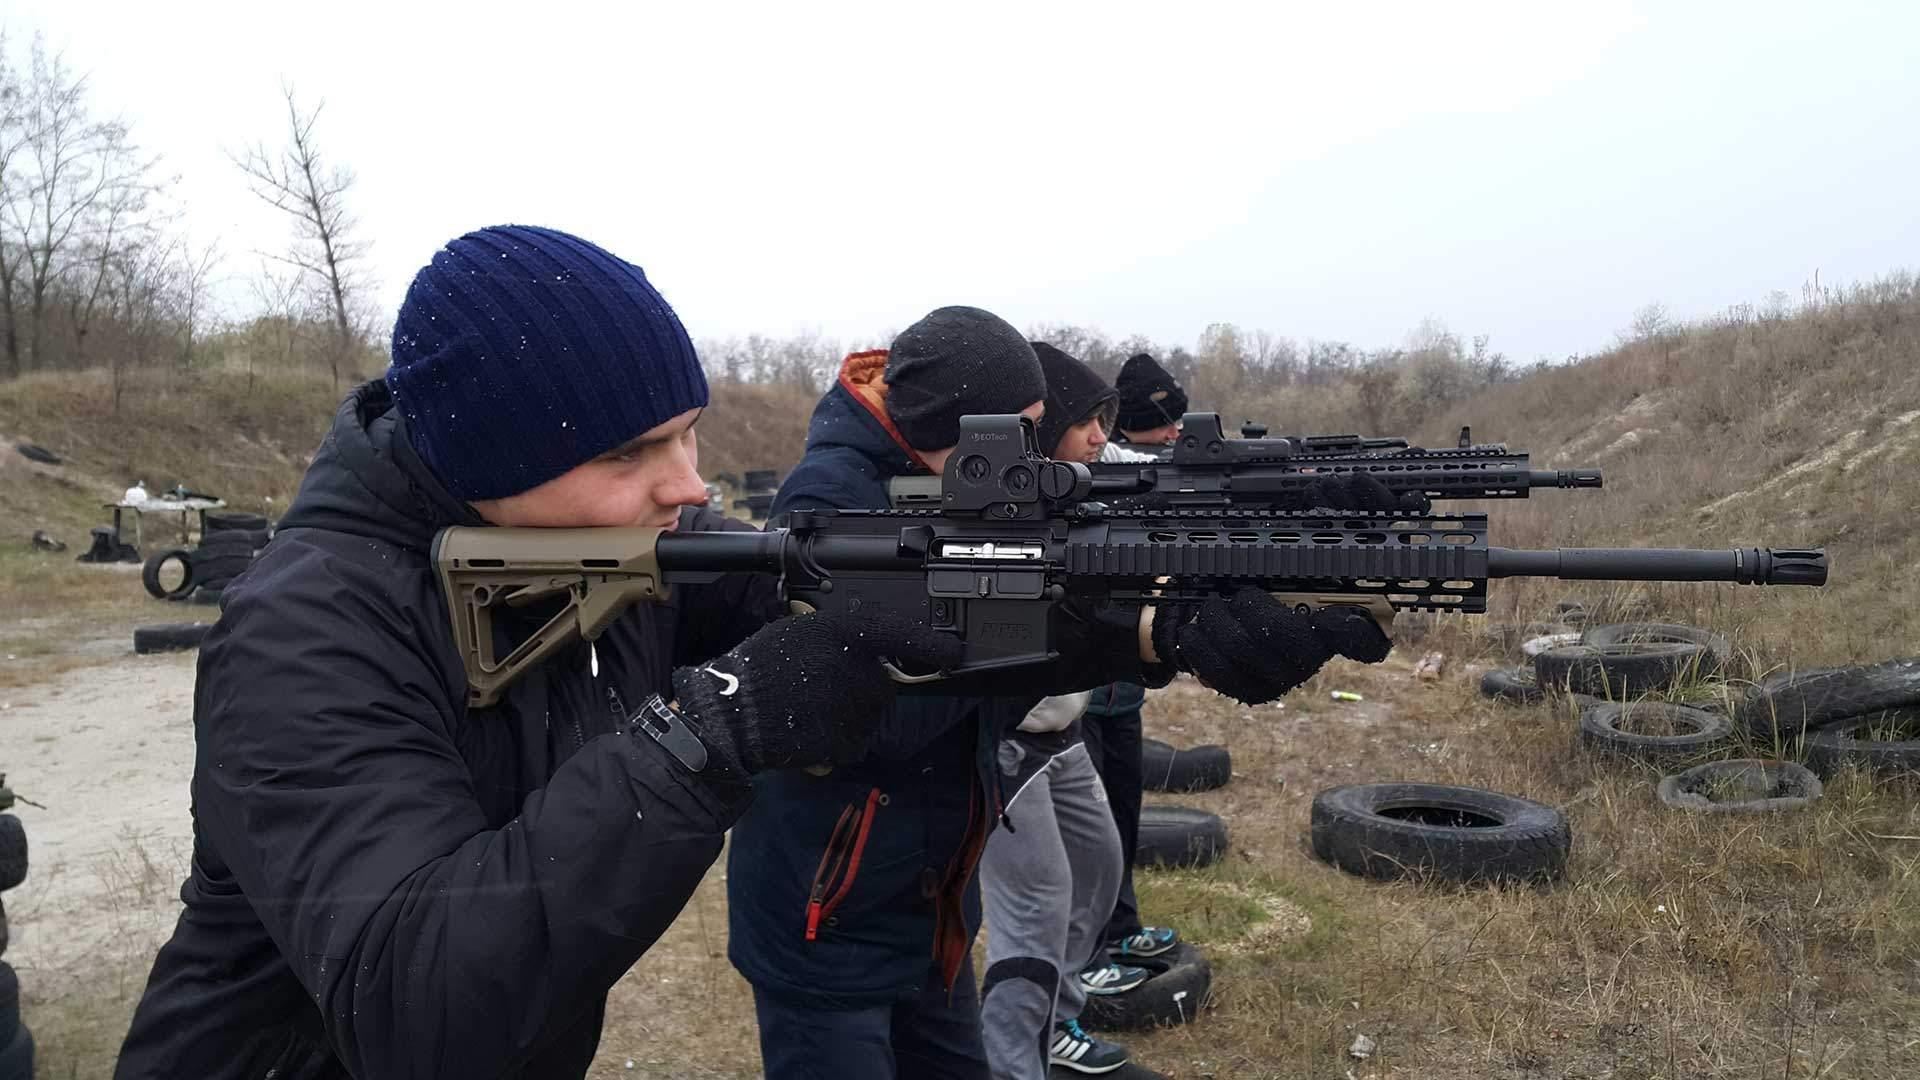 Заняття зі стрільби на полігоні навчально-тренувального центру